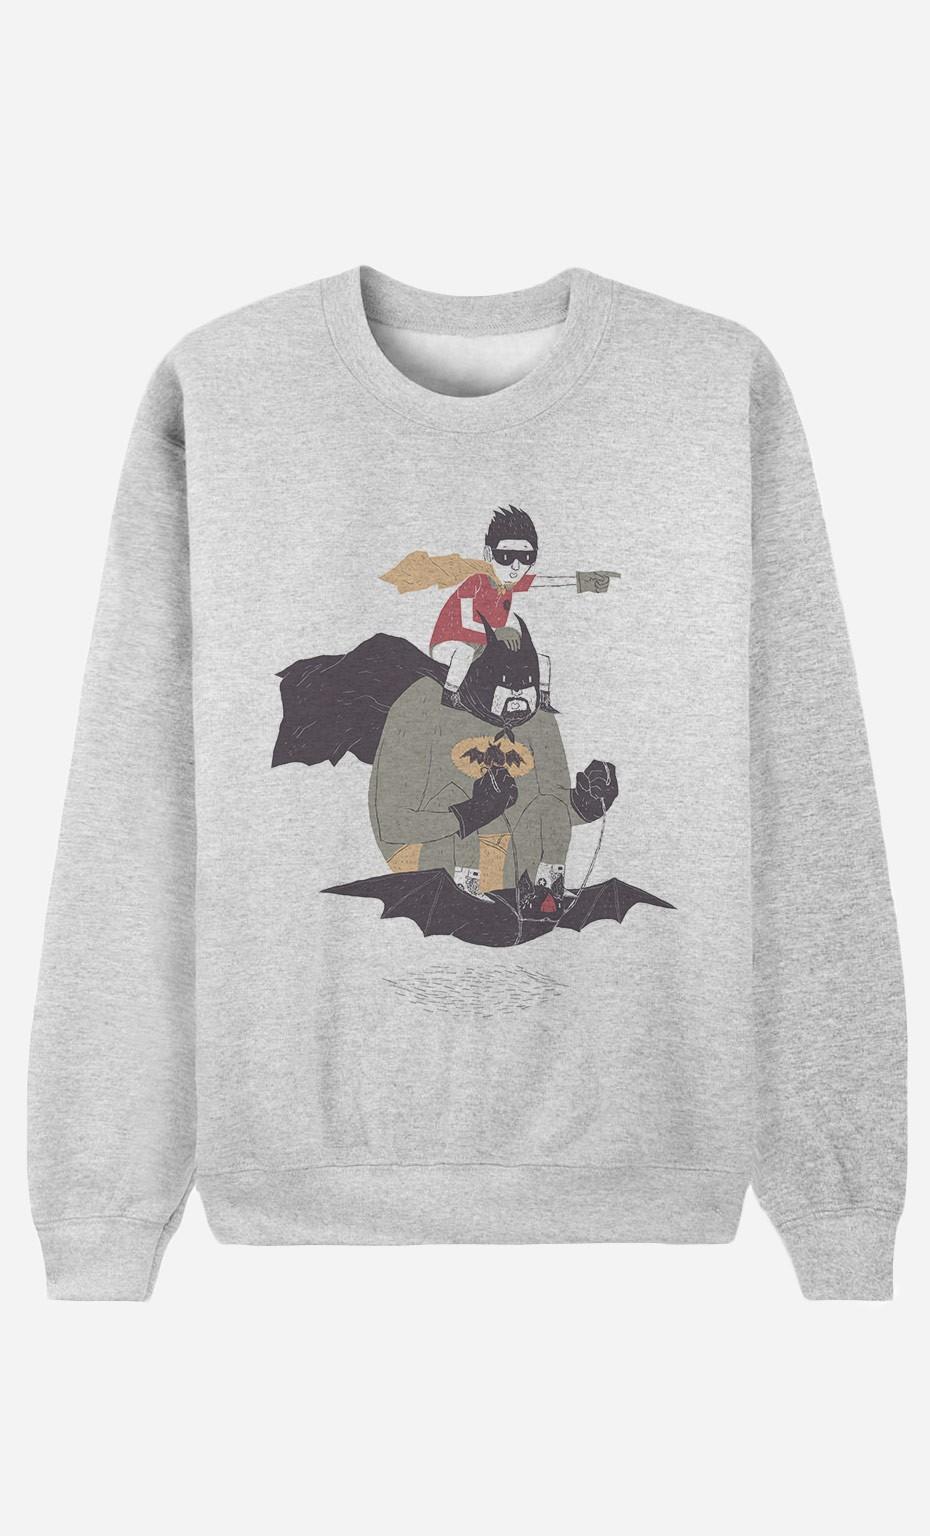 Sweatshirt Batman & Robin